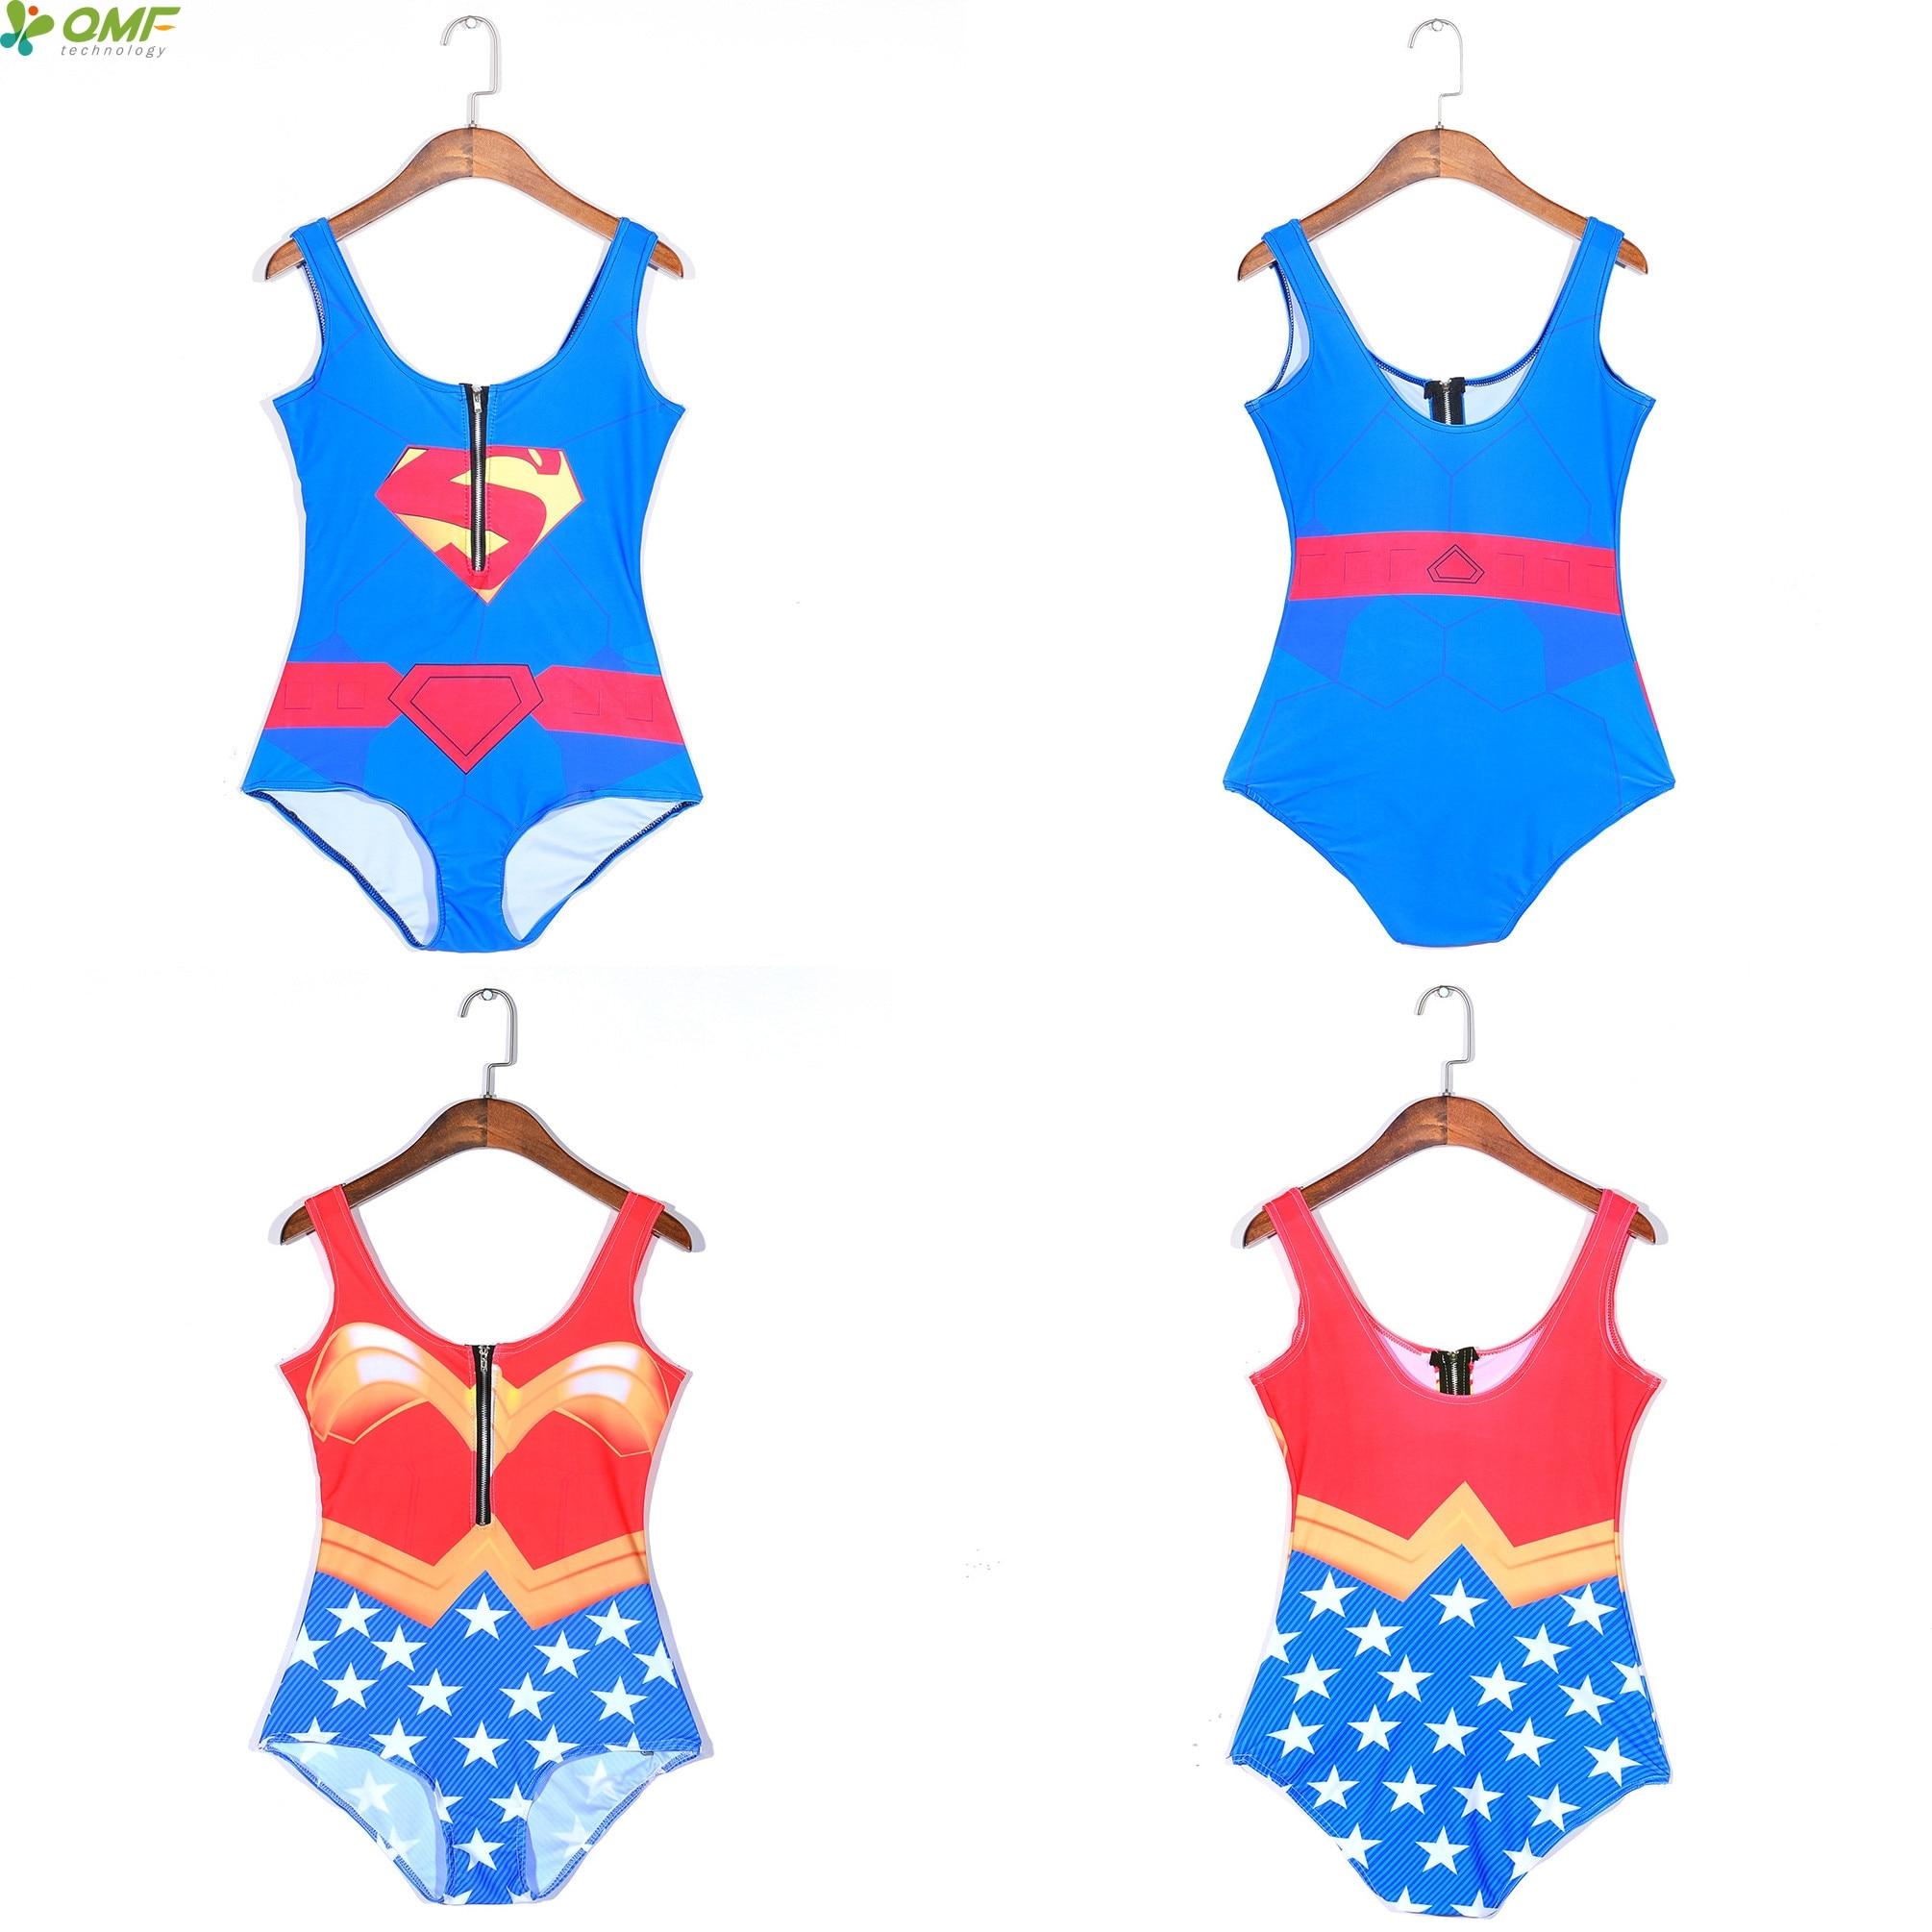 código promocional 2b8e5 3d787 Superman Natación traje para mujer Mujer Maravilla triángulo ...